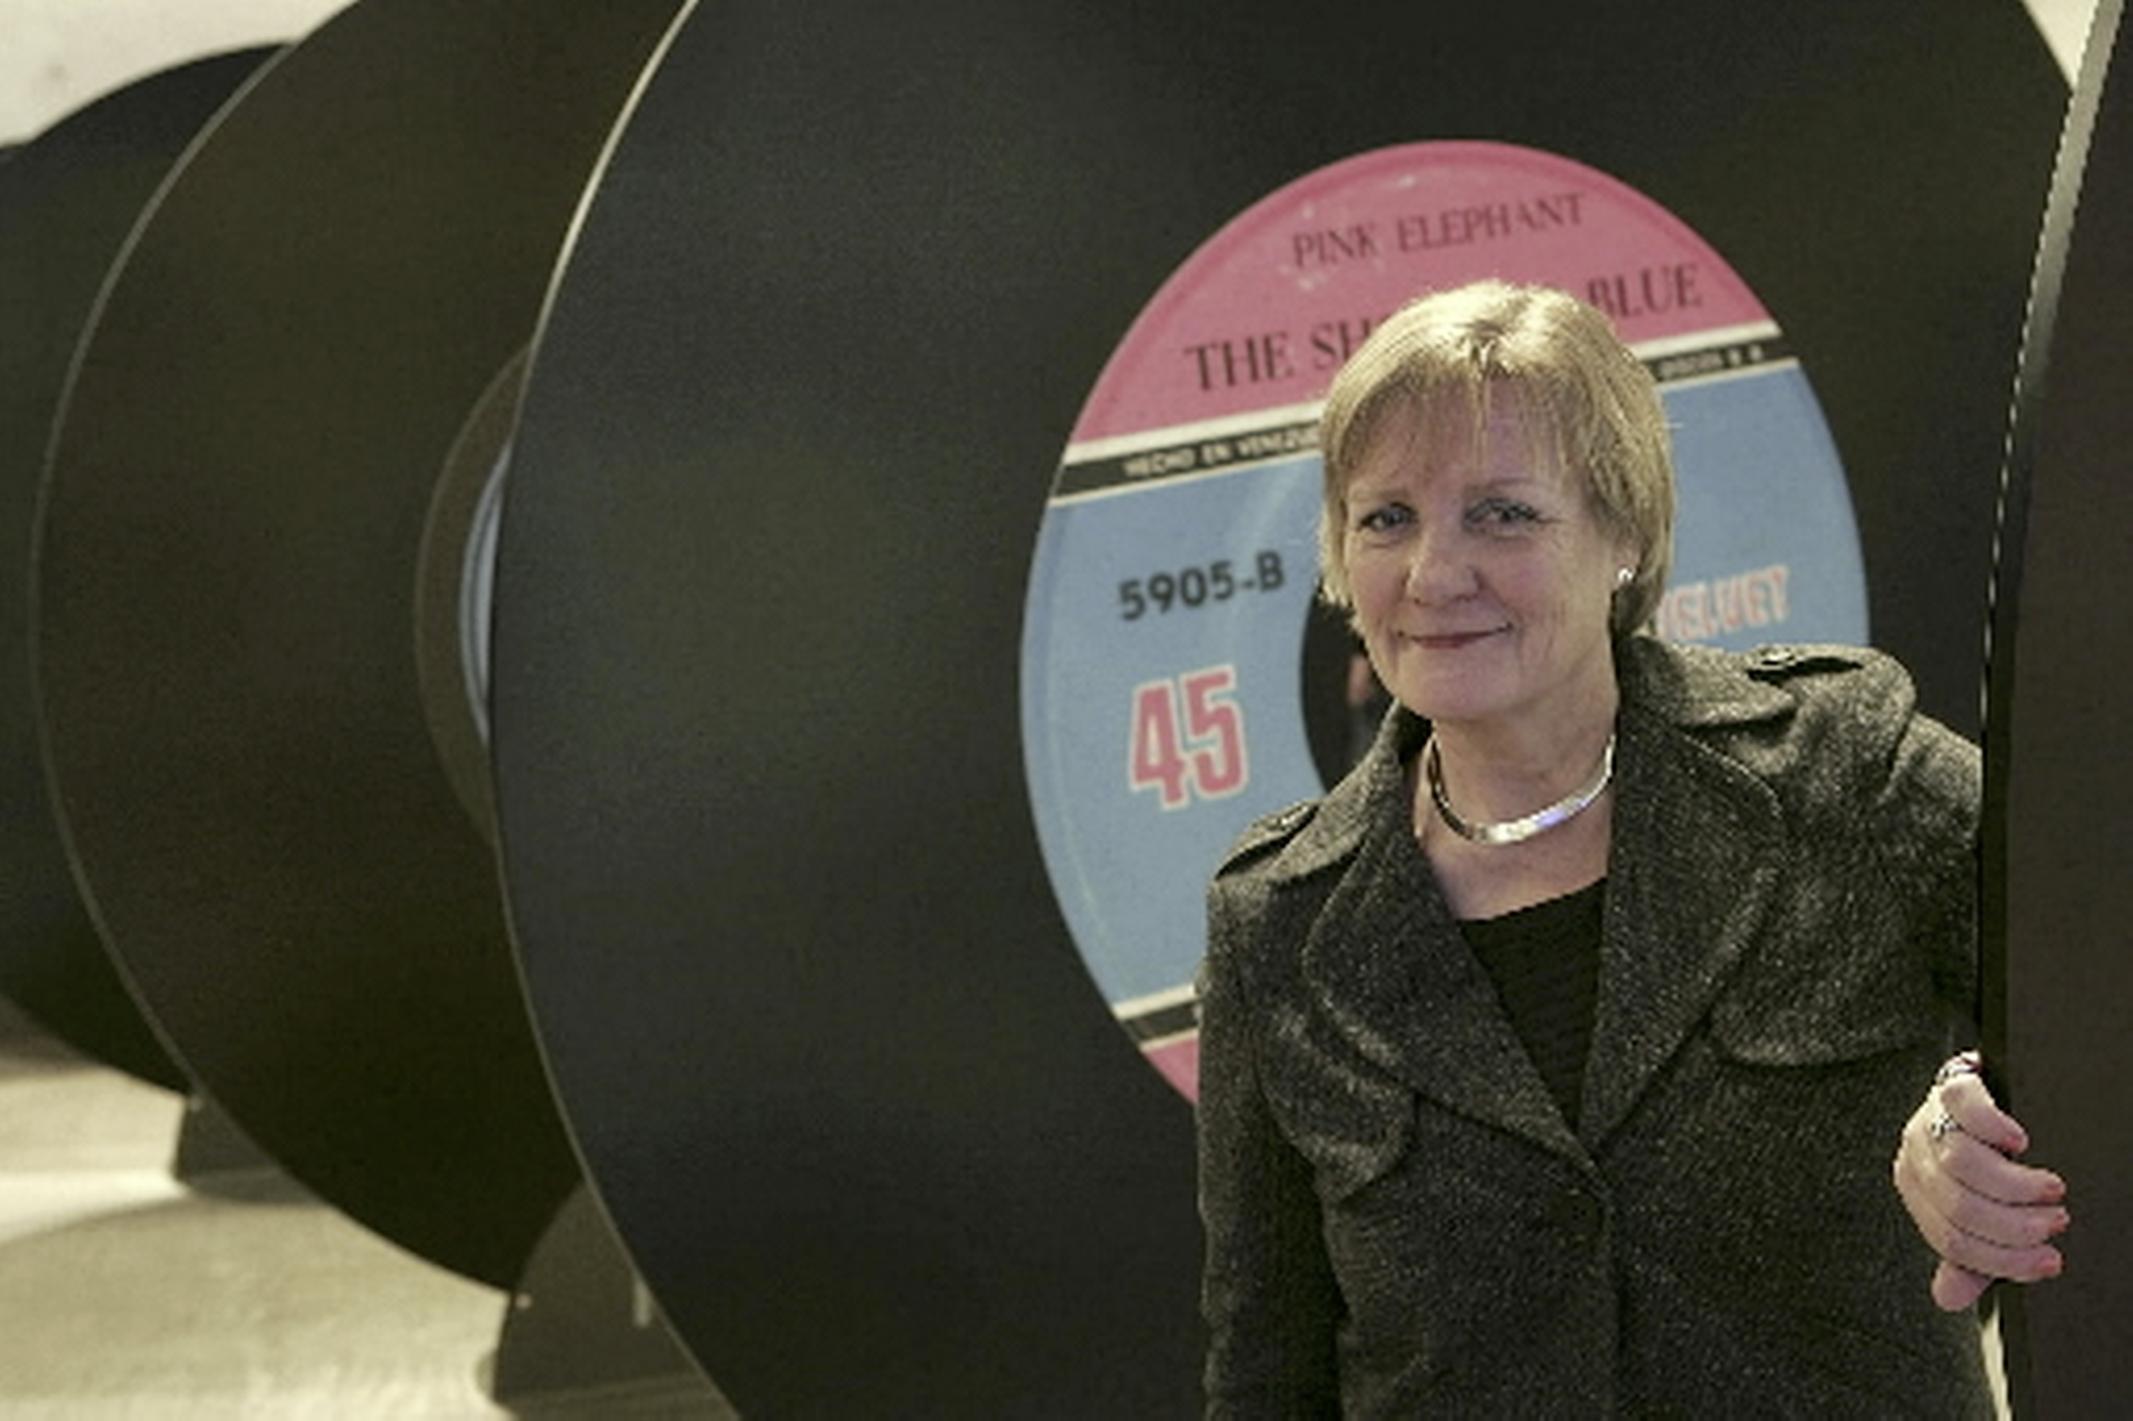 Oud-directeur Alkmaars Stedelijk Sandra de Vries (74) overleden. 'Bouwer' leidde museum van pijpenla naar cultuurplein